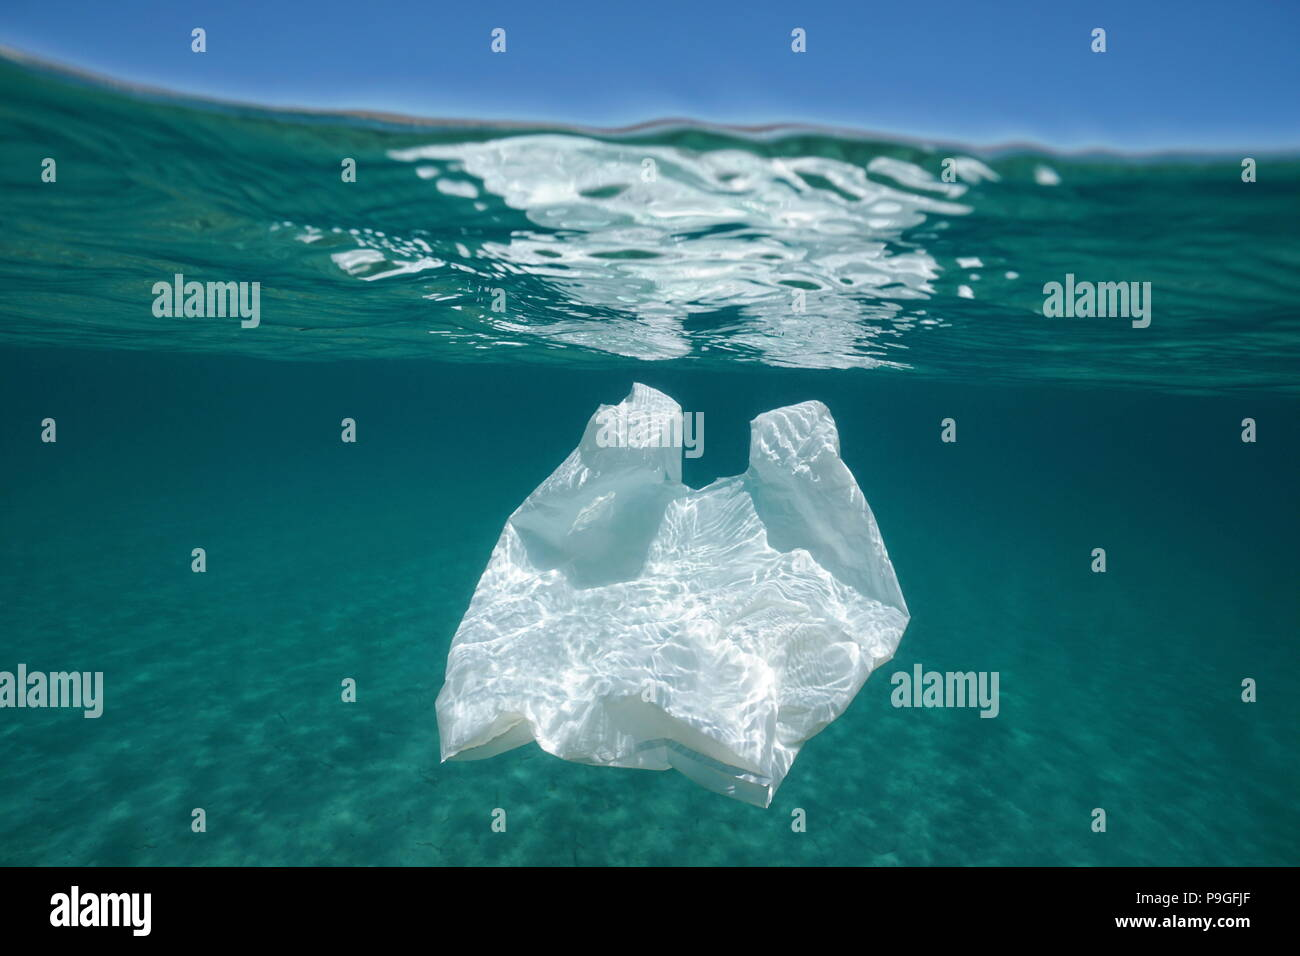 Inquinamento subacquea un sacchetto di plastica alla deriva nel Mediterraneo al di sotto della superficie dell'acqua, Almeria, Andalusia, Spagna Immagini Stock